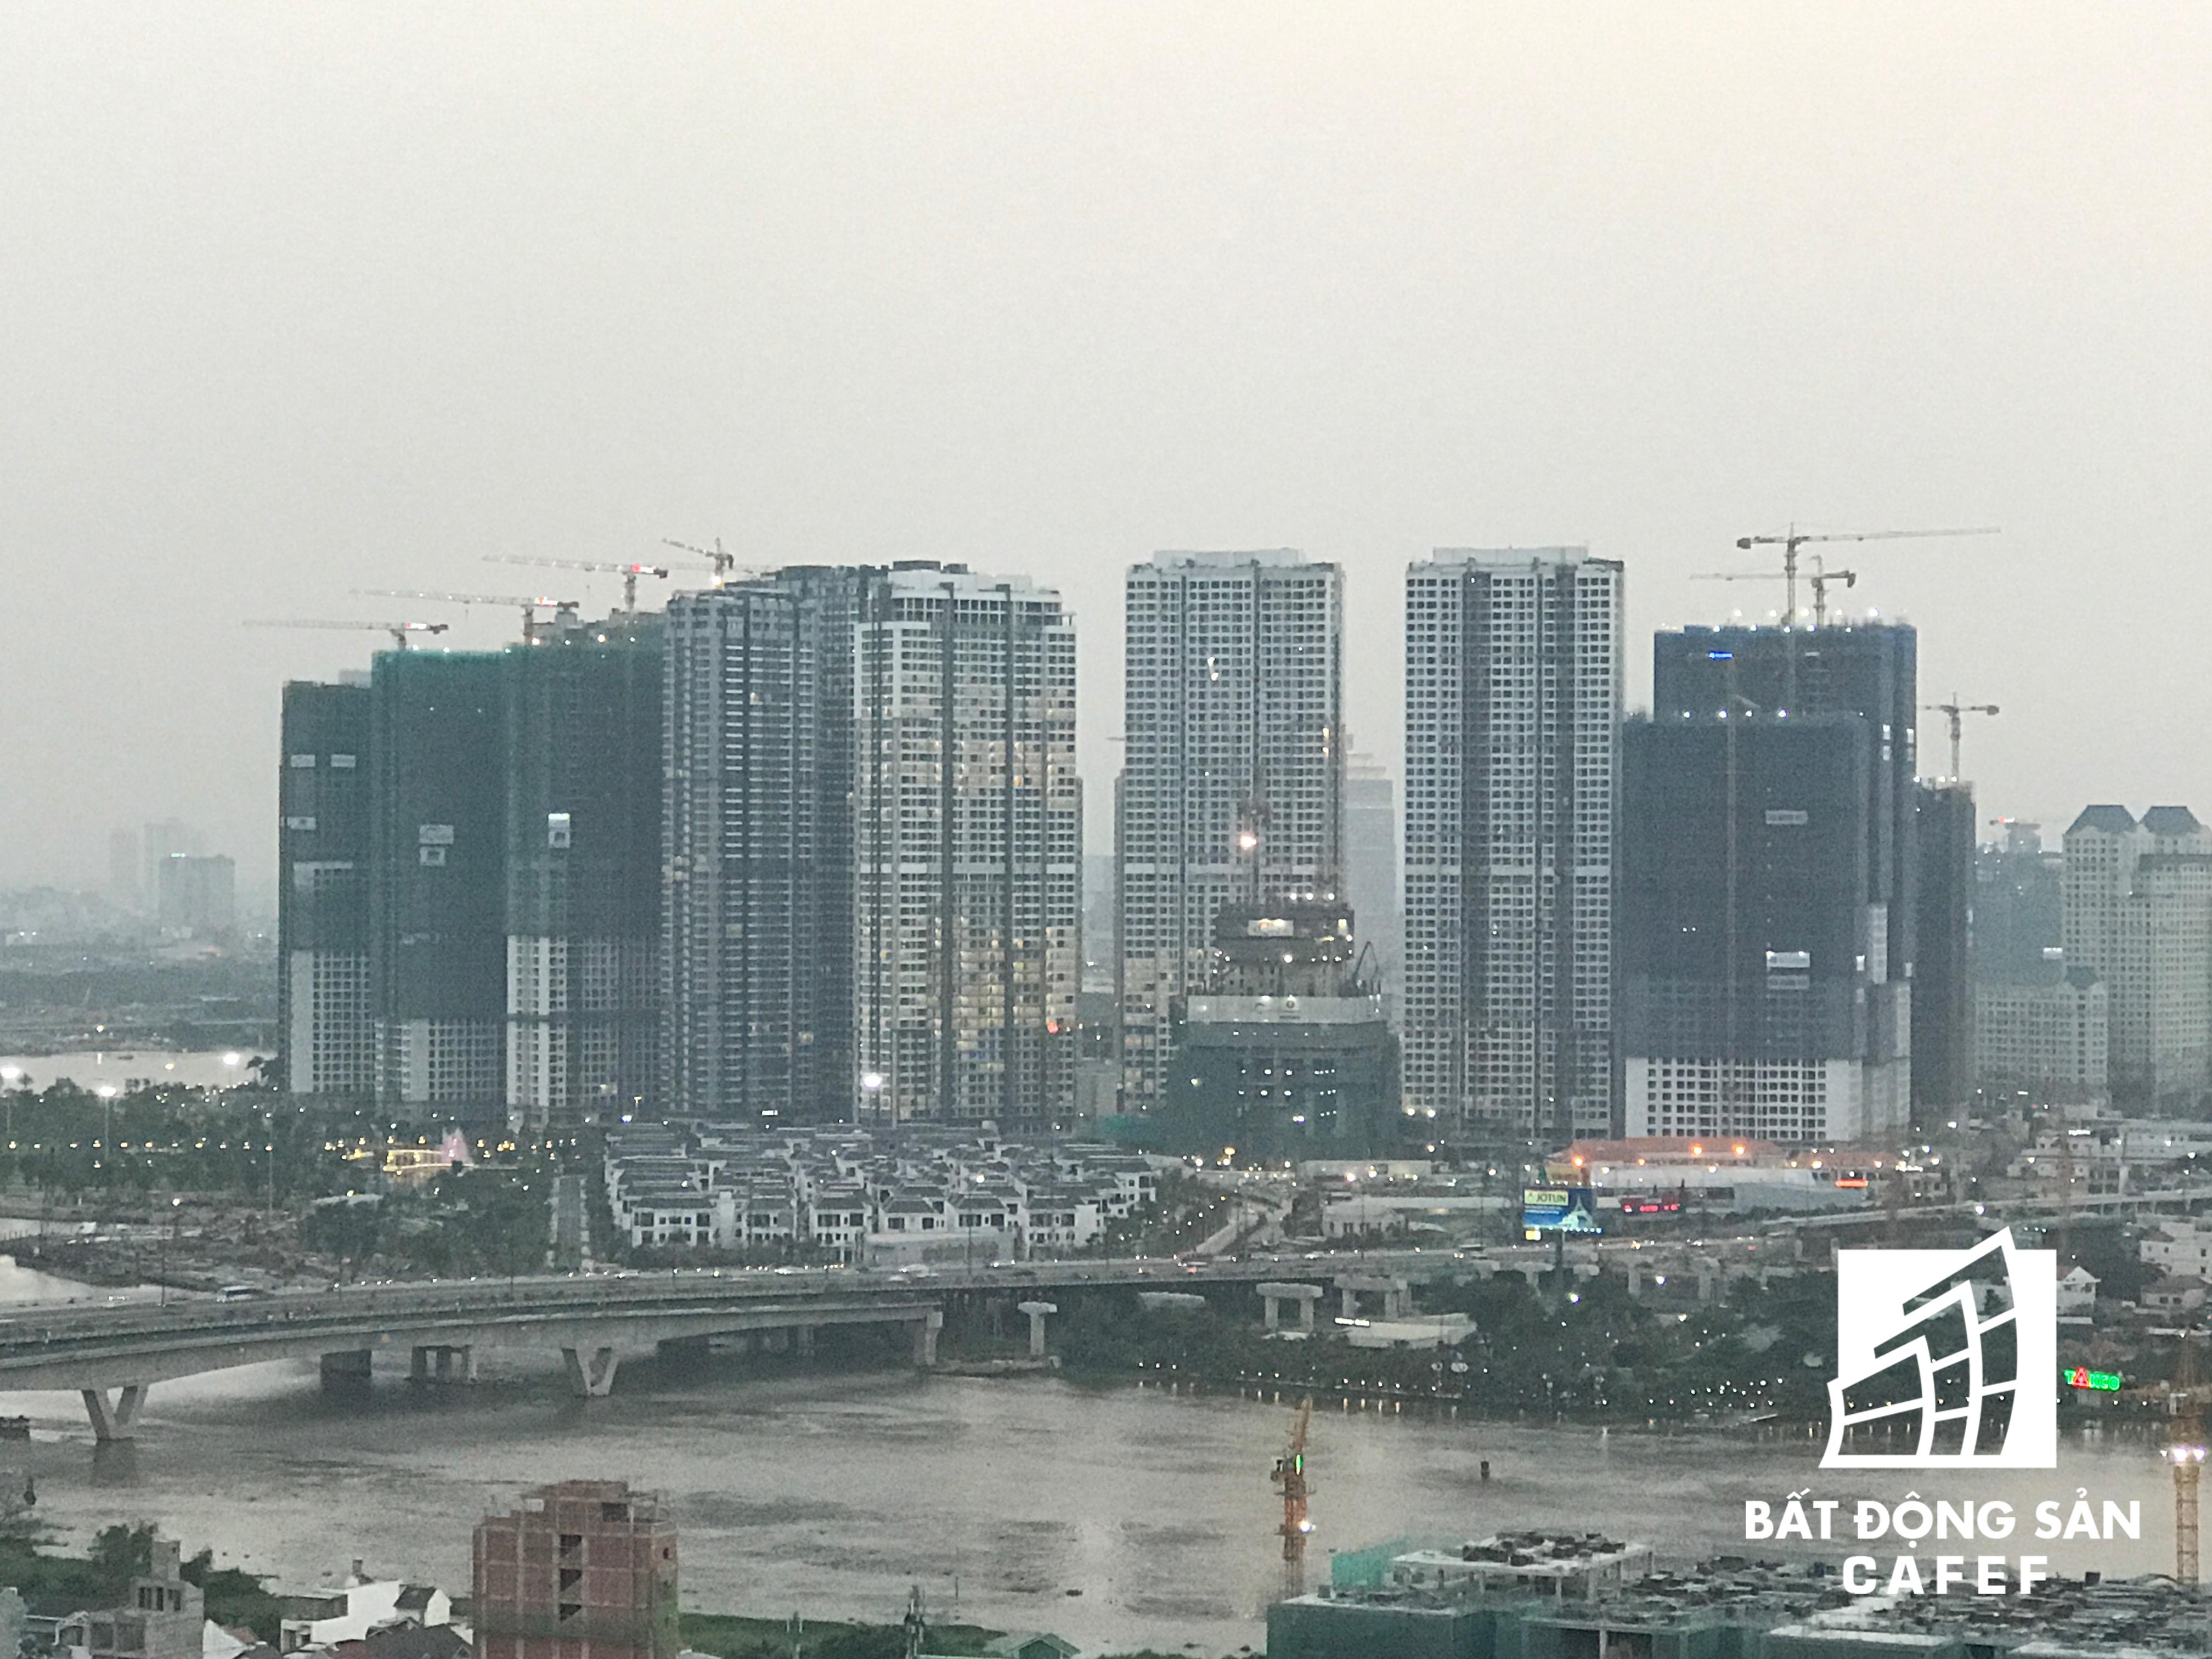 Ngay sau khi xuống cầu Sài Gòn, là đường Nguyễn Hữu Cảnh, nơi quy tụ nhiều dự án chung cư cao cấp. Đáng chú ý là siêu dự án Vinhomes Central Park của Vingroup đang hoàn thiện phần thân các tòa chung cư đầu tiên.